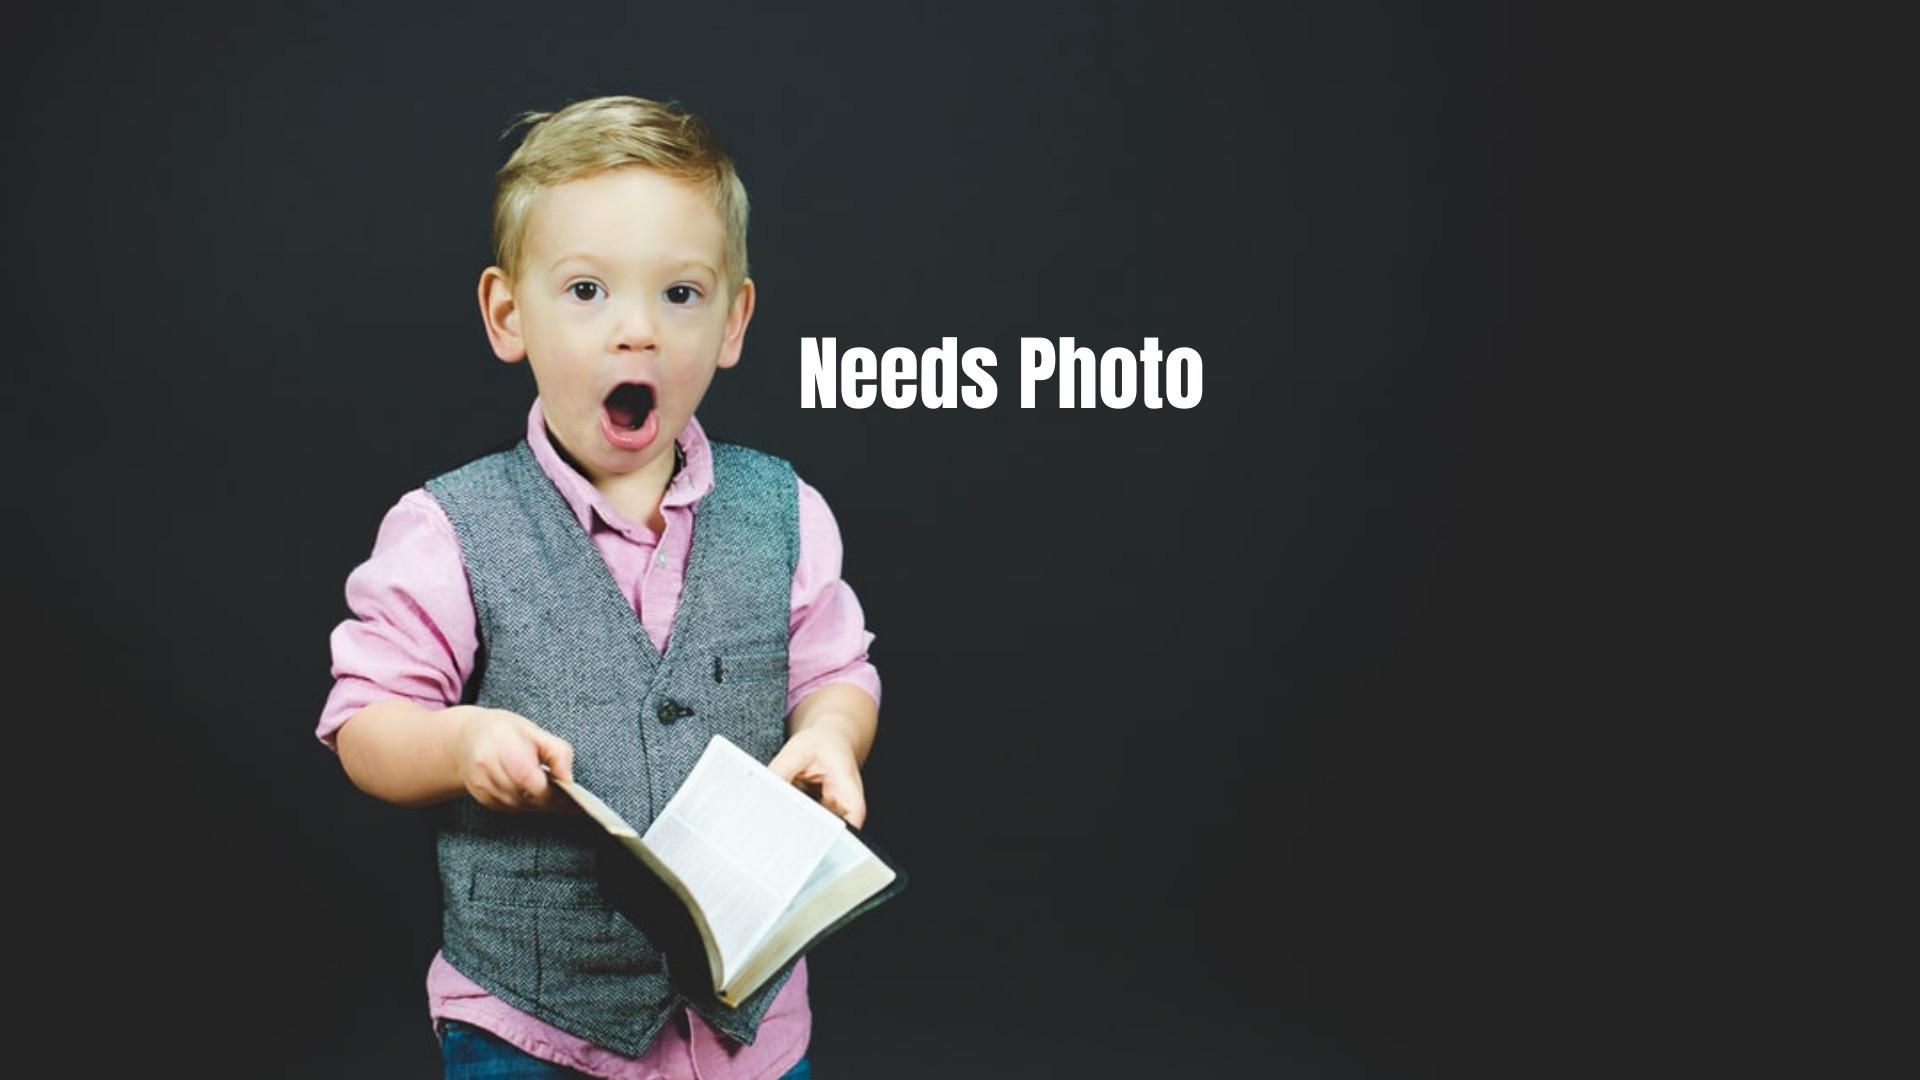 Need Image